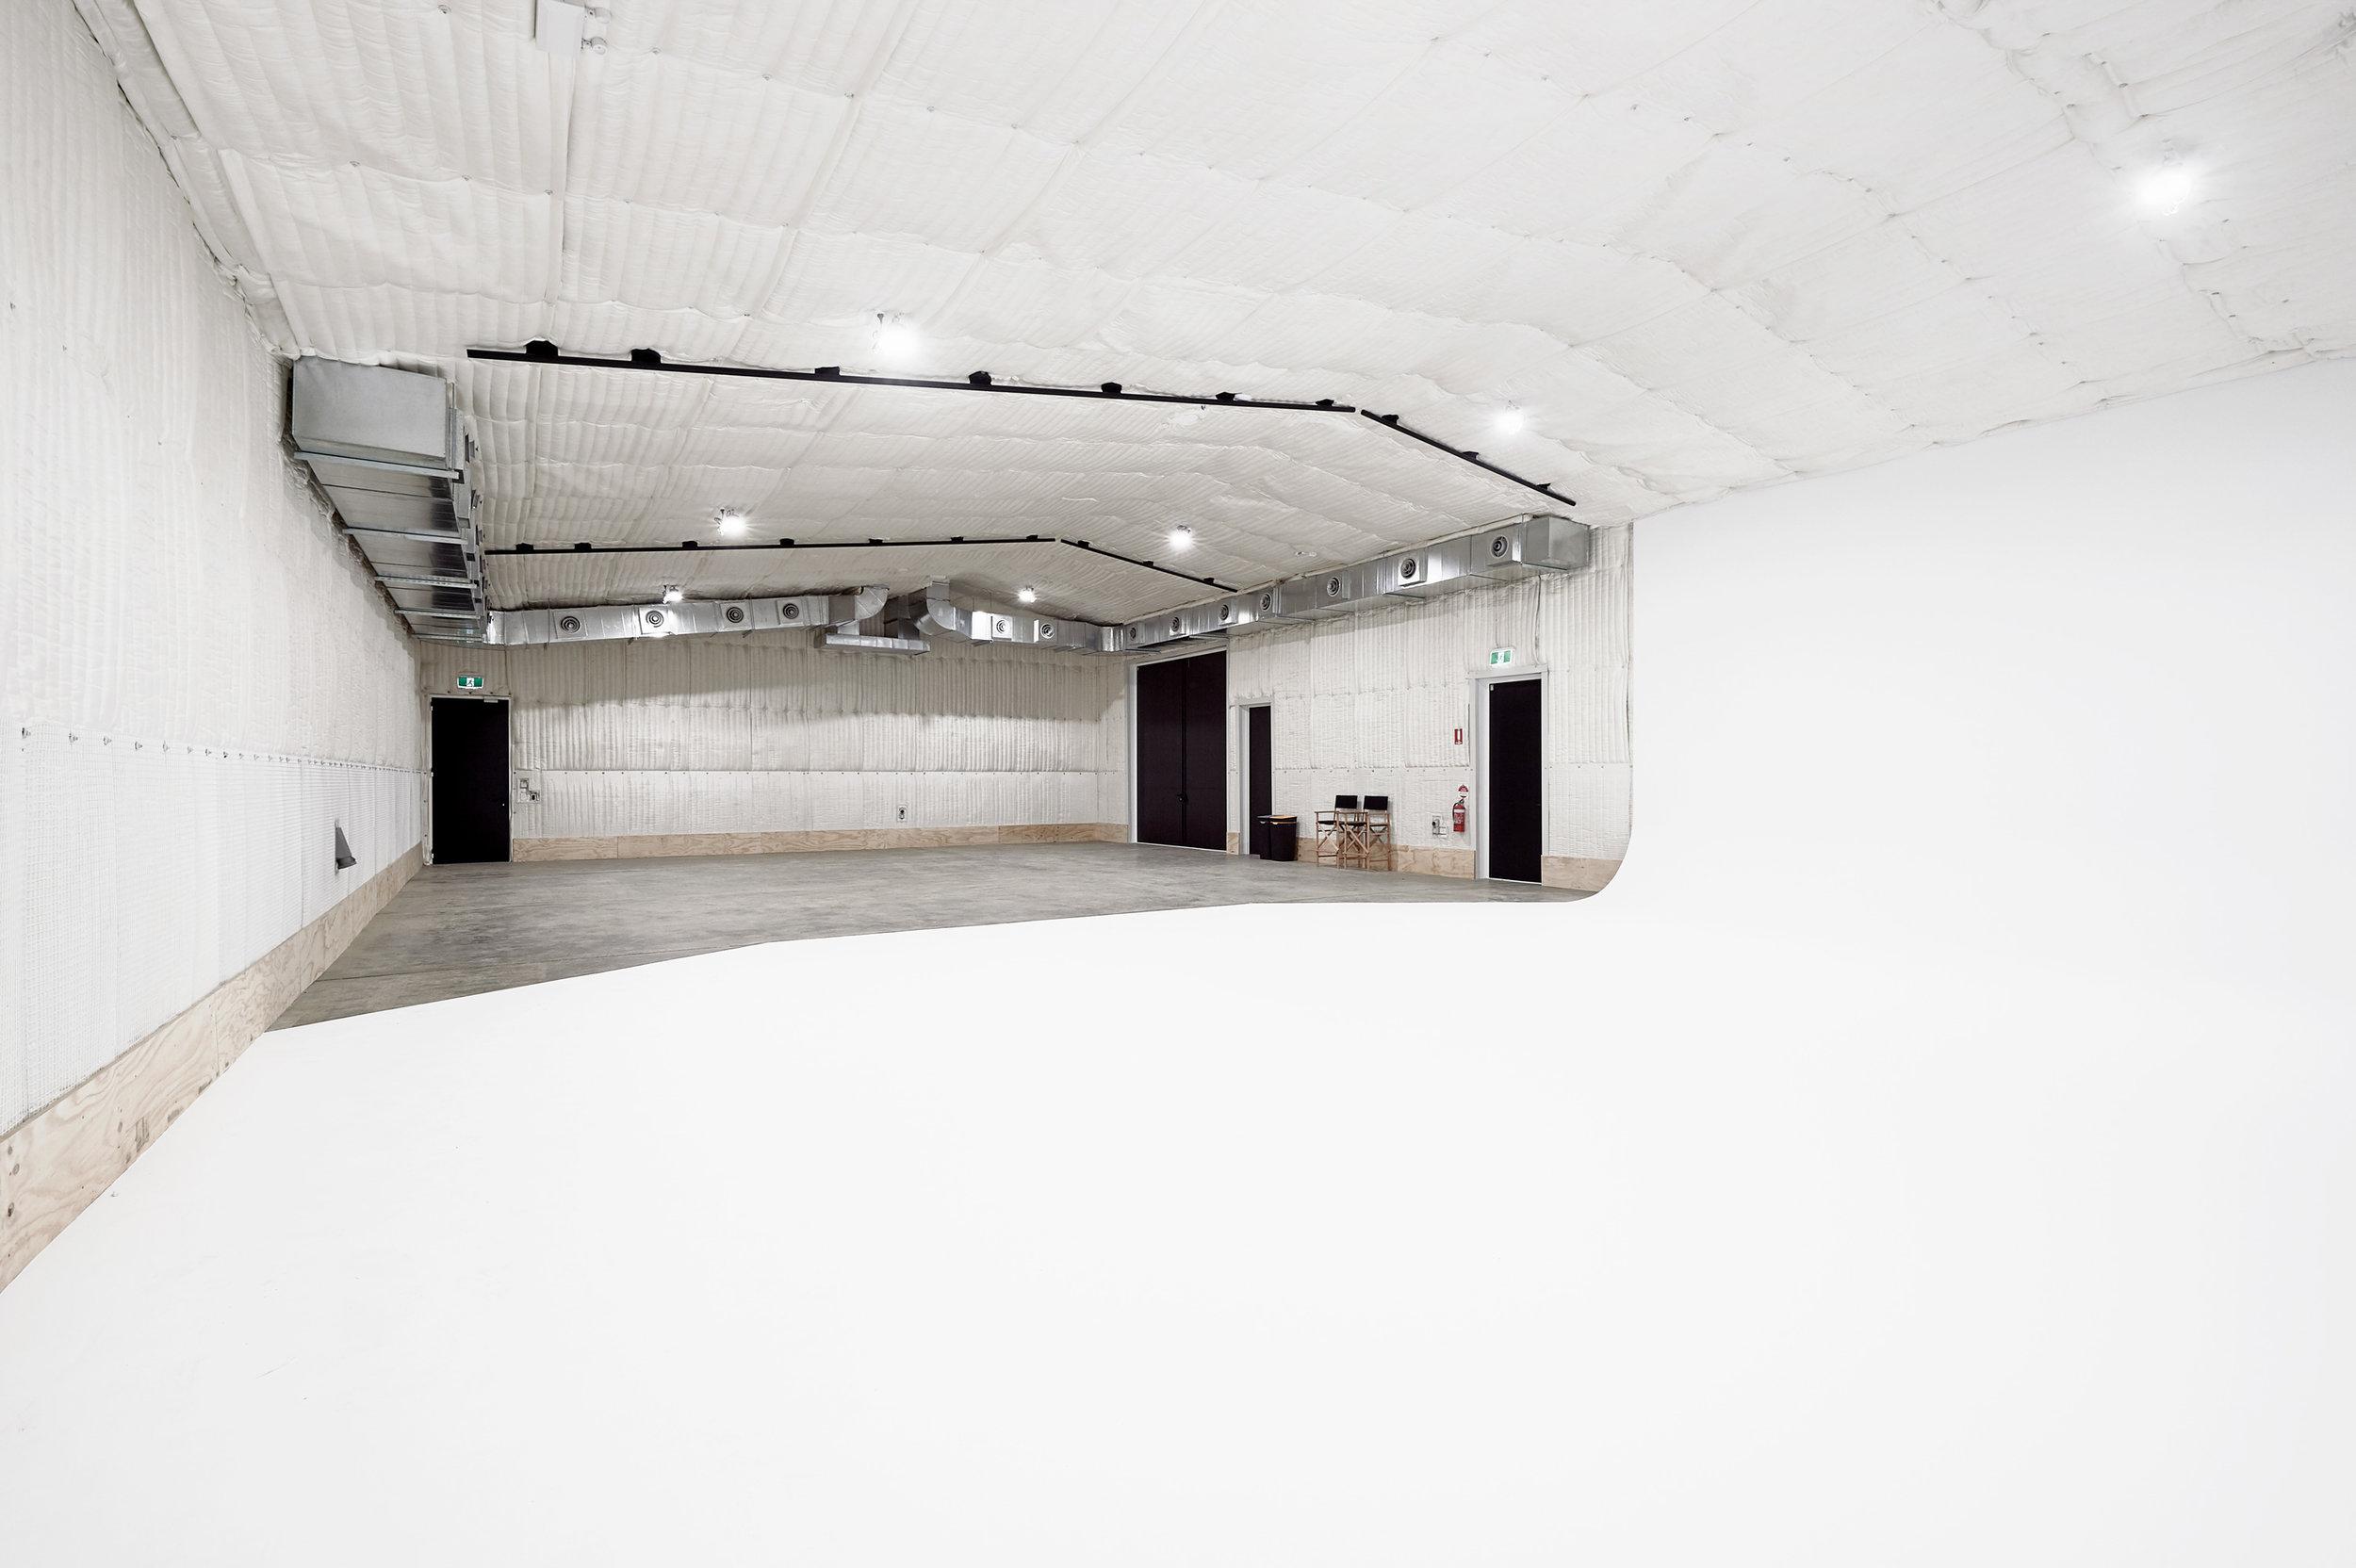 Baker-Street-Studios-Home-Studio-03.jpg